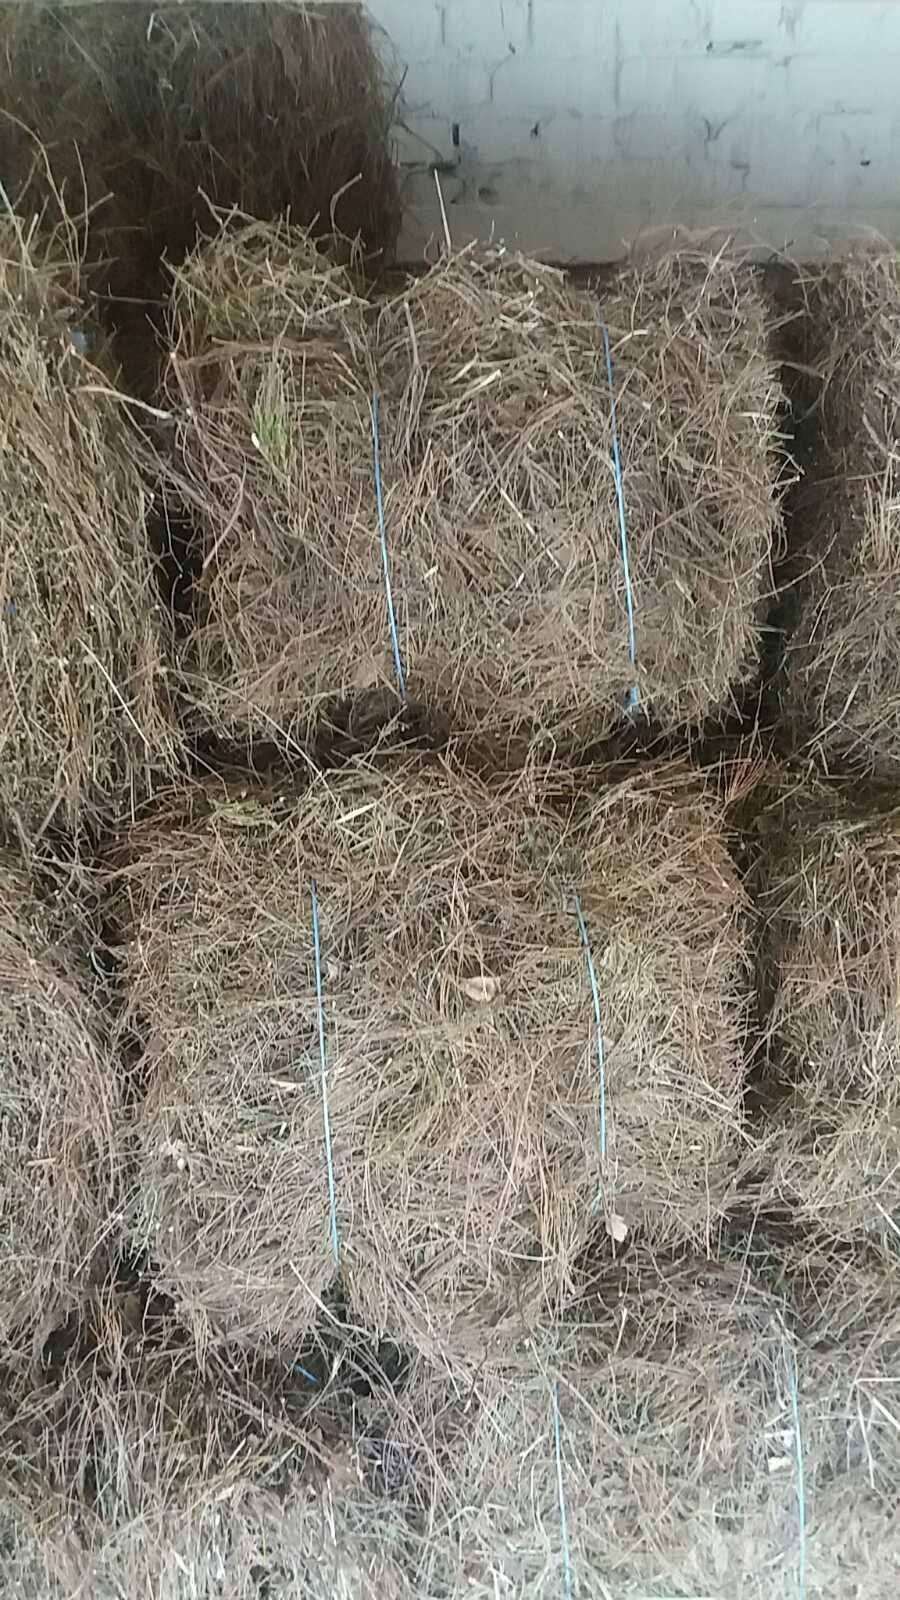 Heather Calluna vulgaris bales in bulk 2